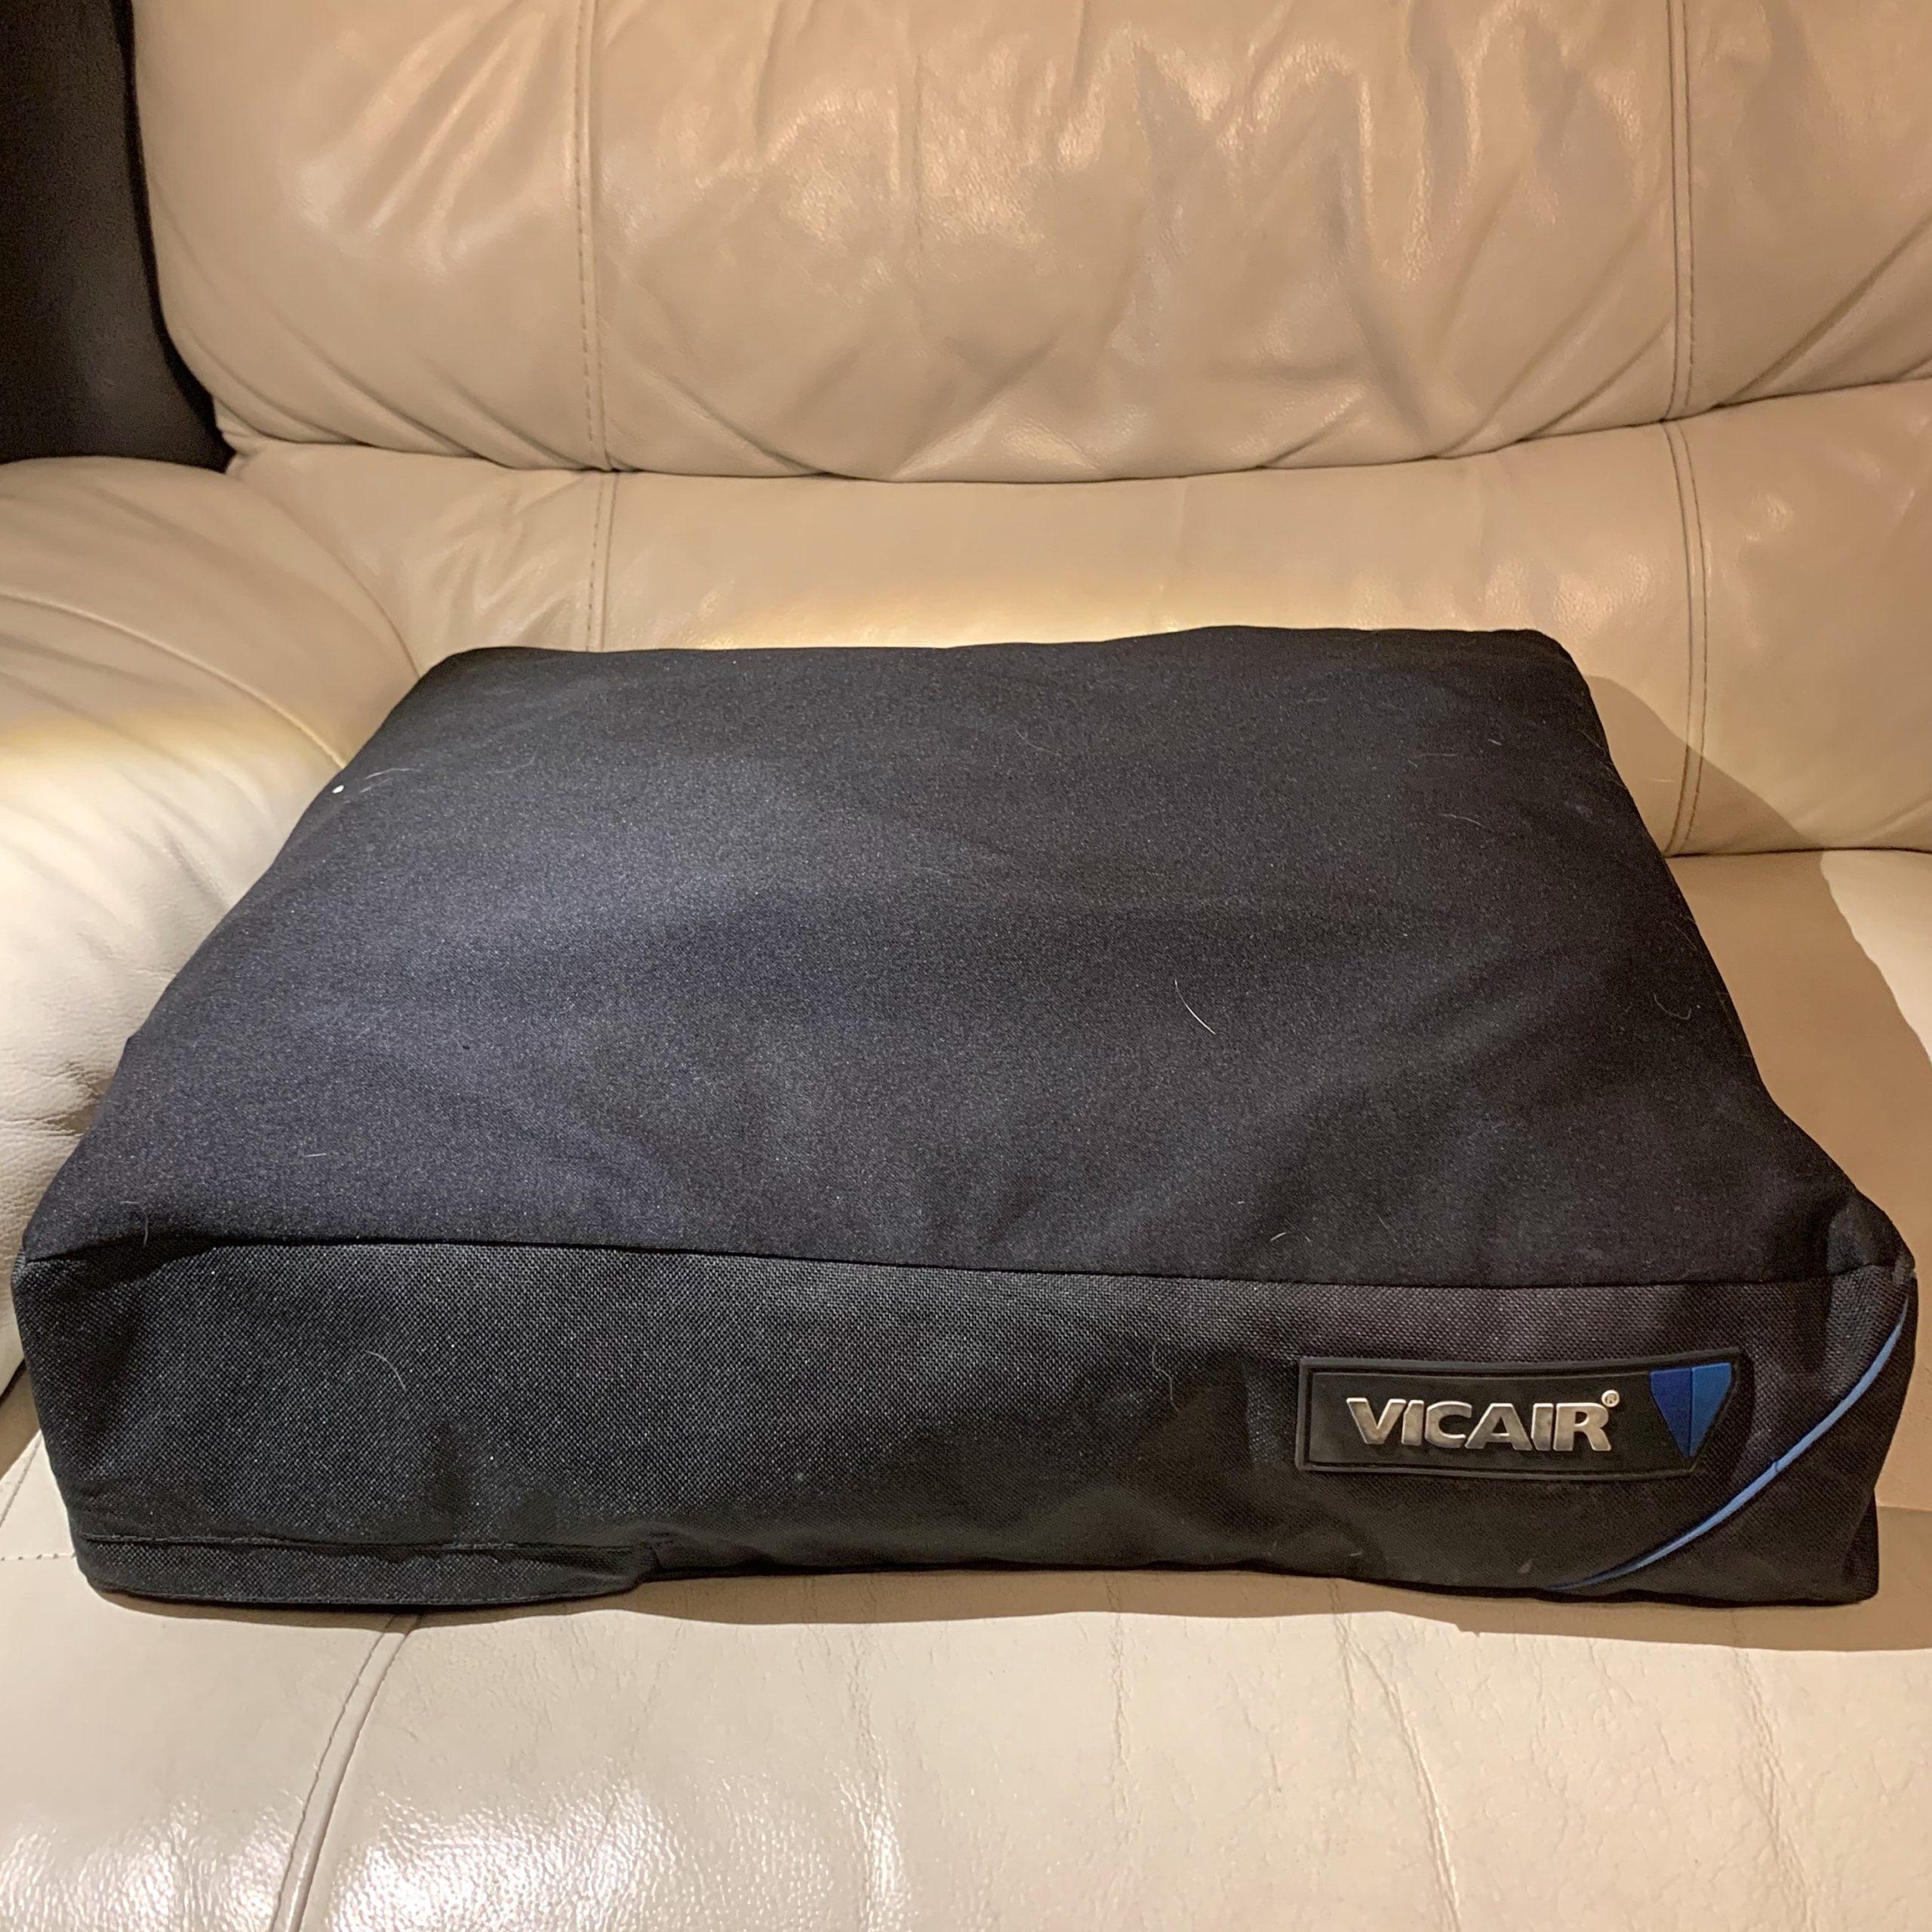 Vicair Positioner Wheelchair Cushion